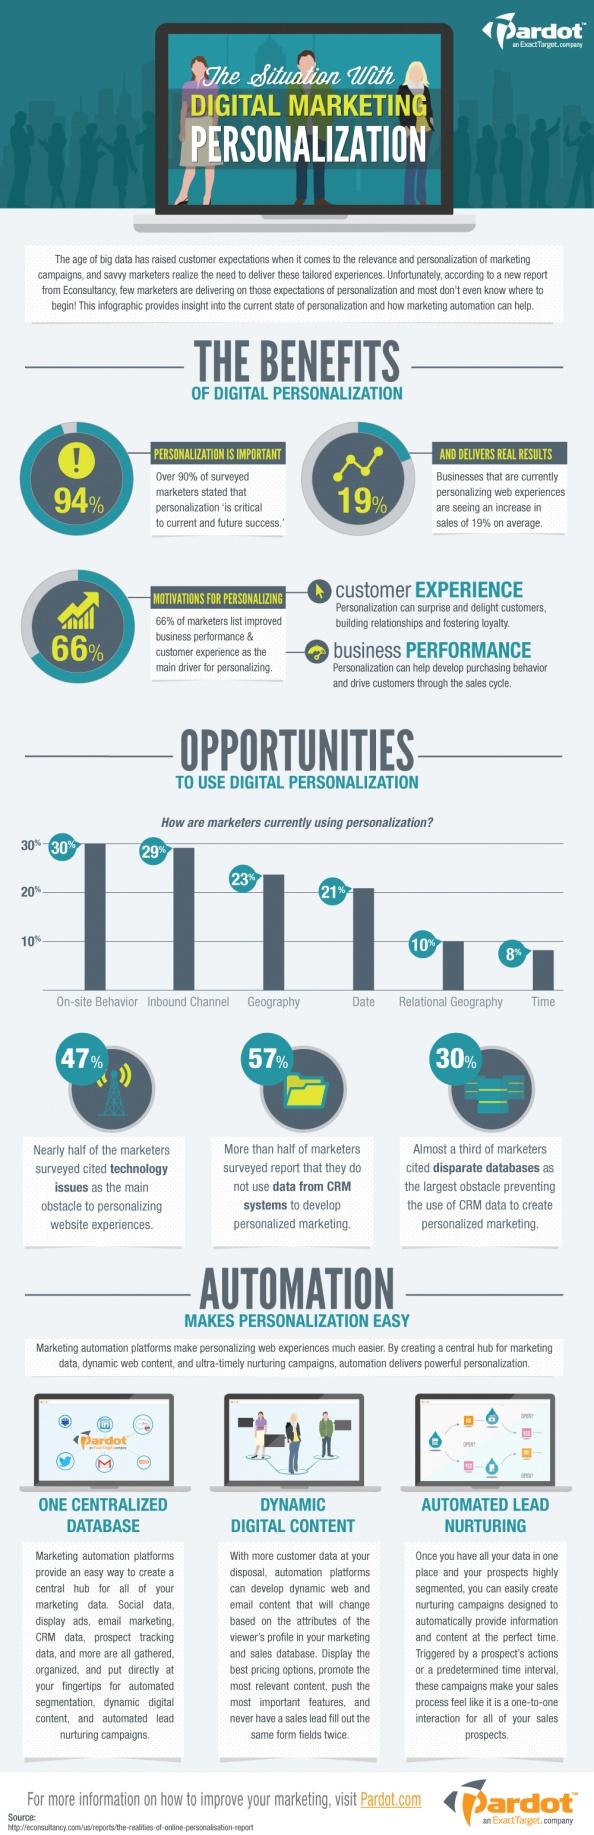 Der Wert der Personalisierung. Quelle: Pardot